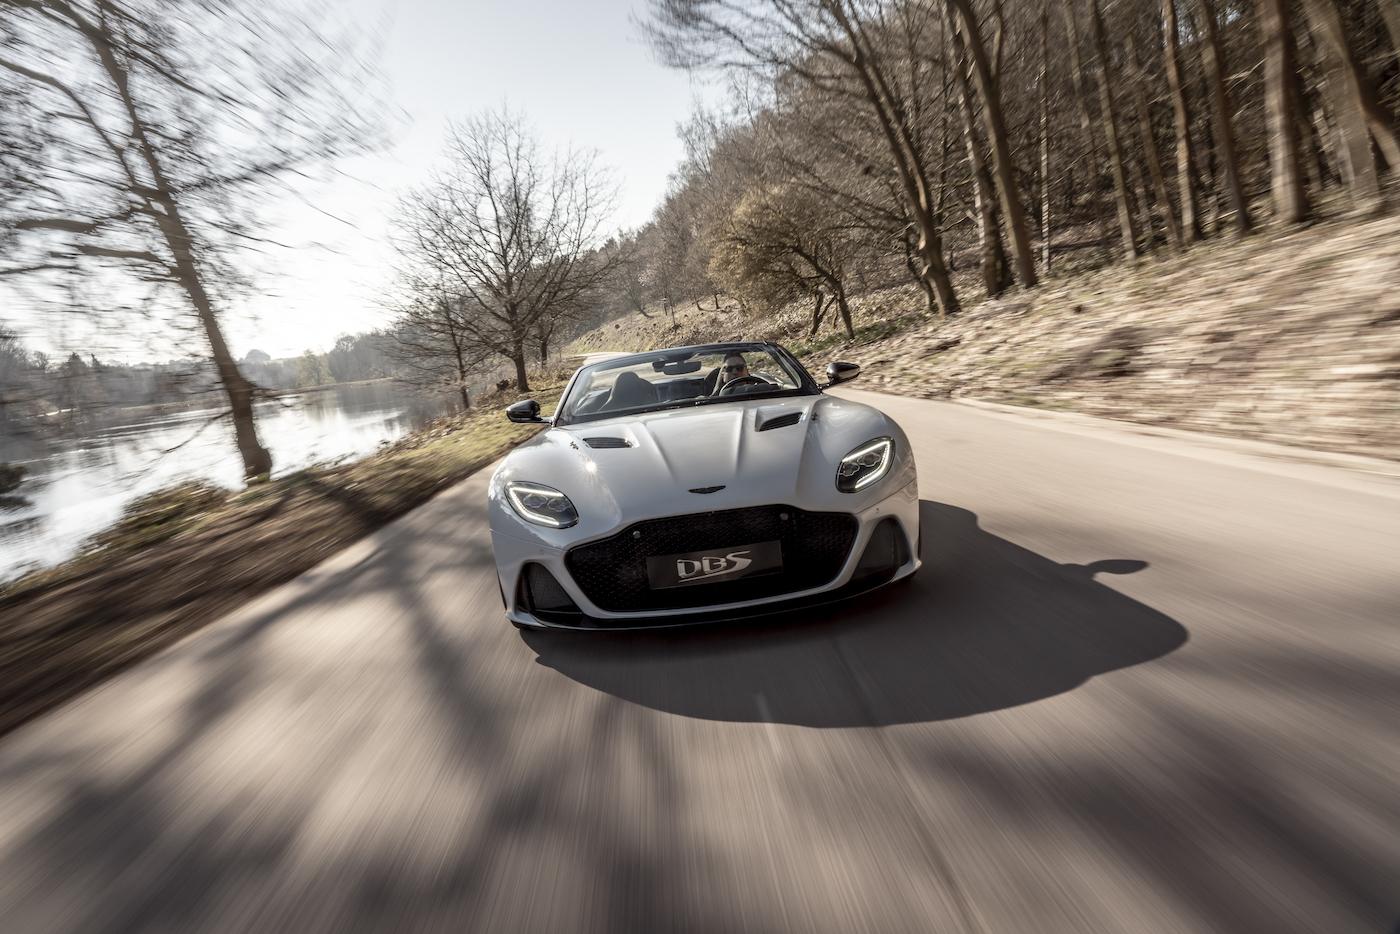 Aston Martin DBS Superleggera Volante: Ein Supersport-Cabrio mit 725 PS 3